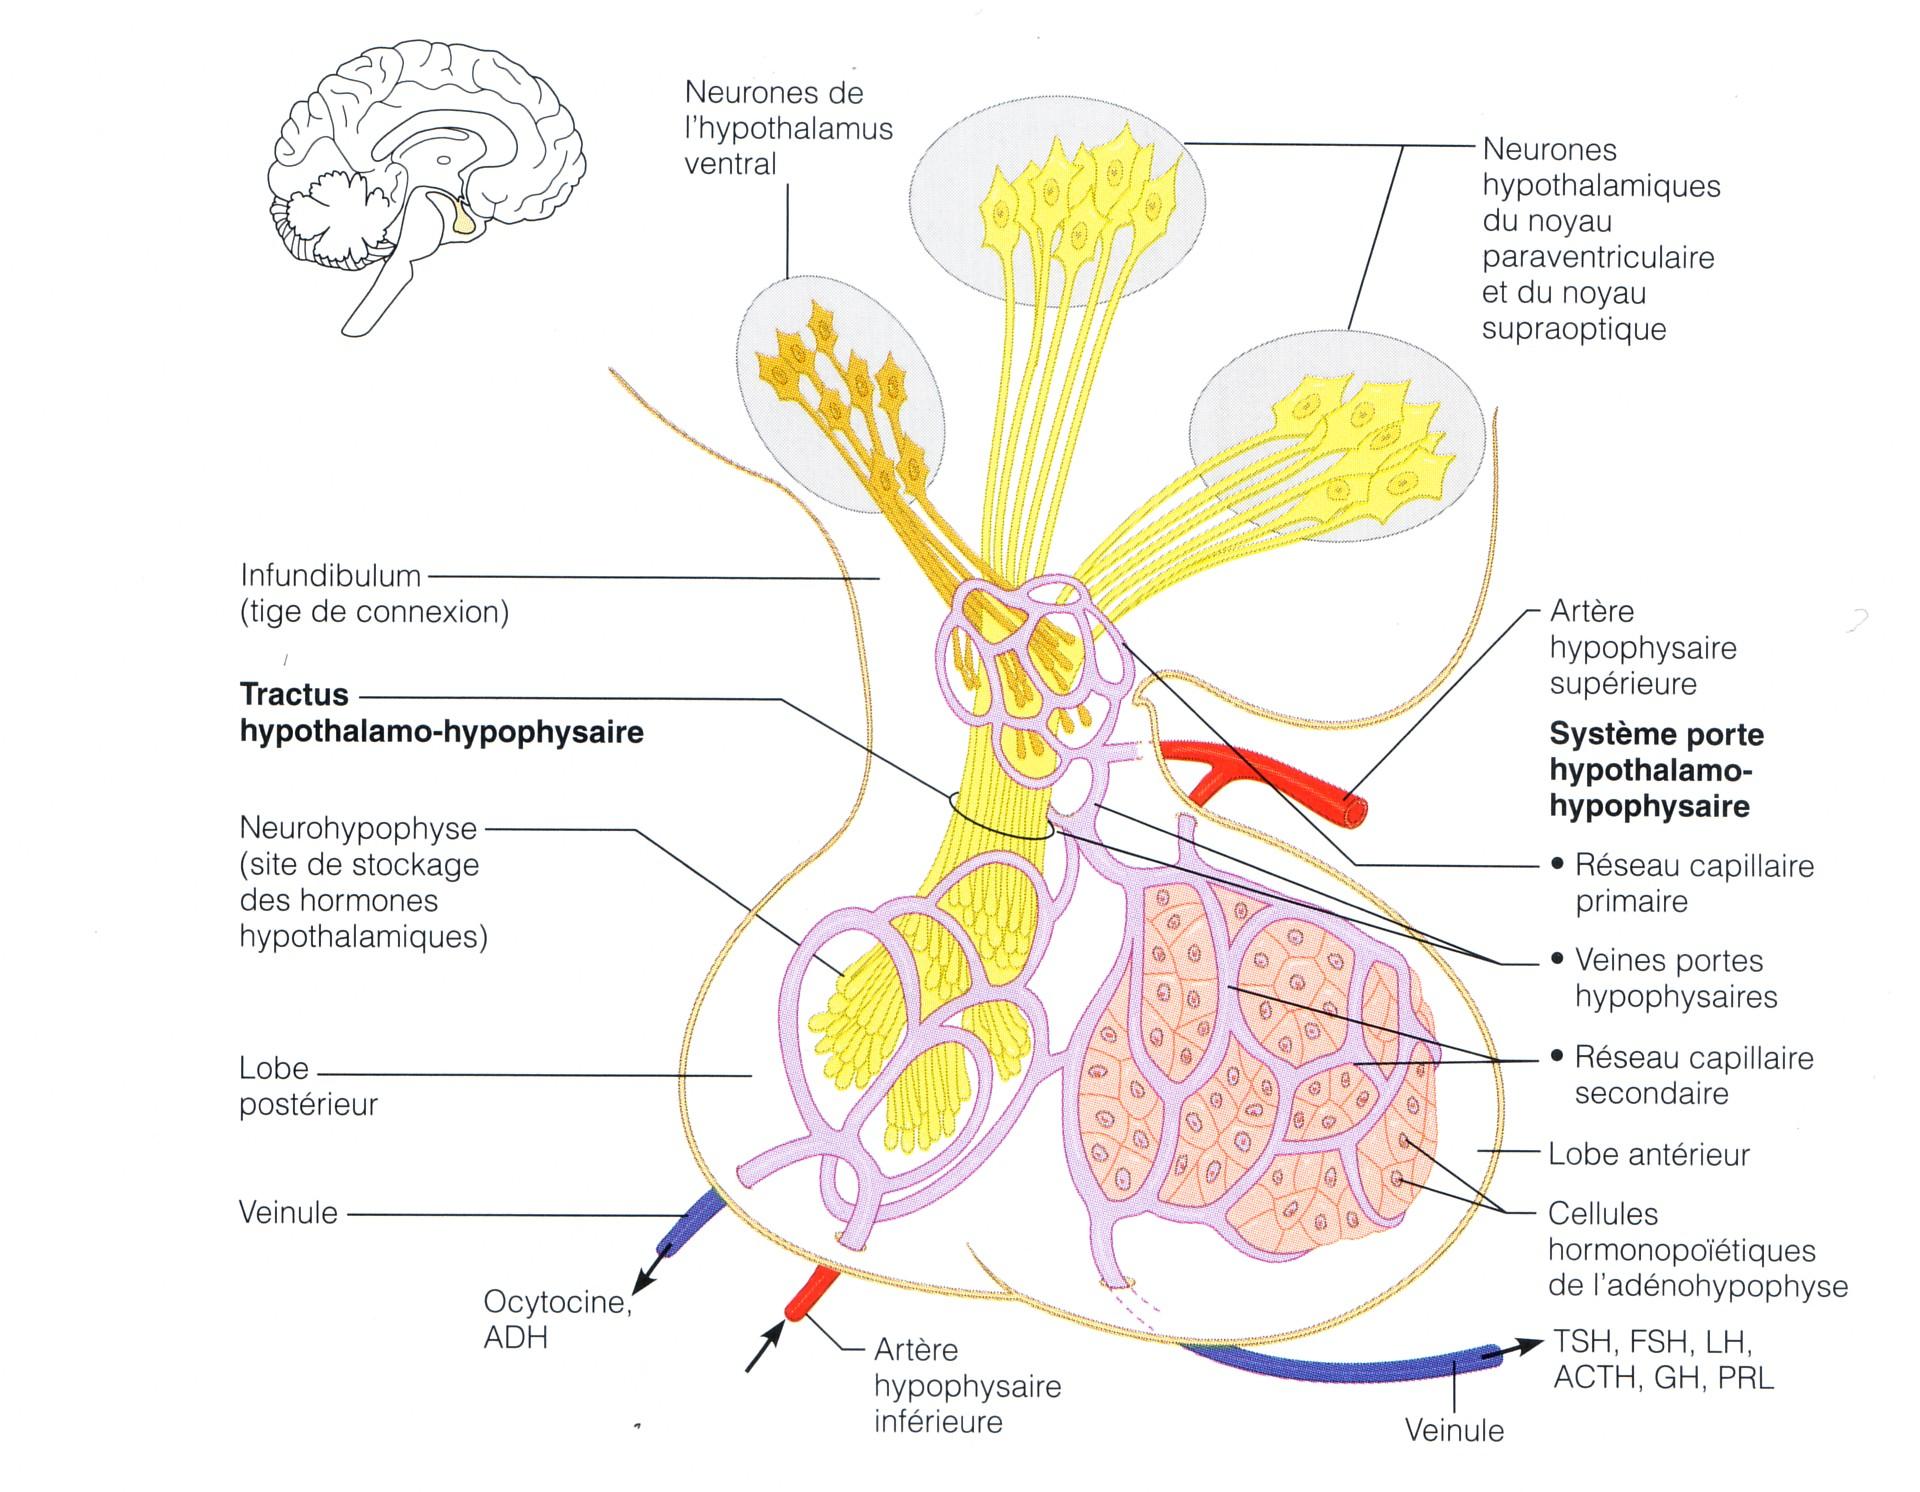 Erfreut Anatomie Der Hypophyse Fotos - Menschliche Anatomie Bilder ...